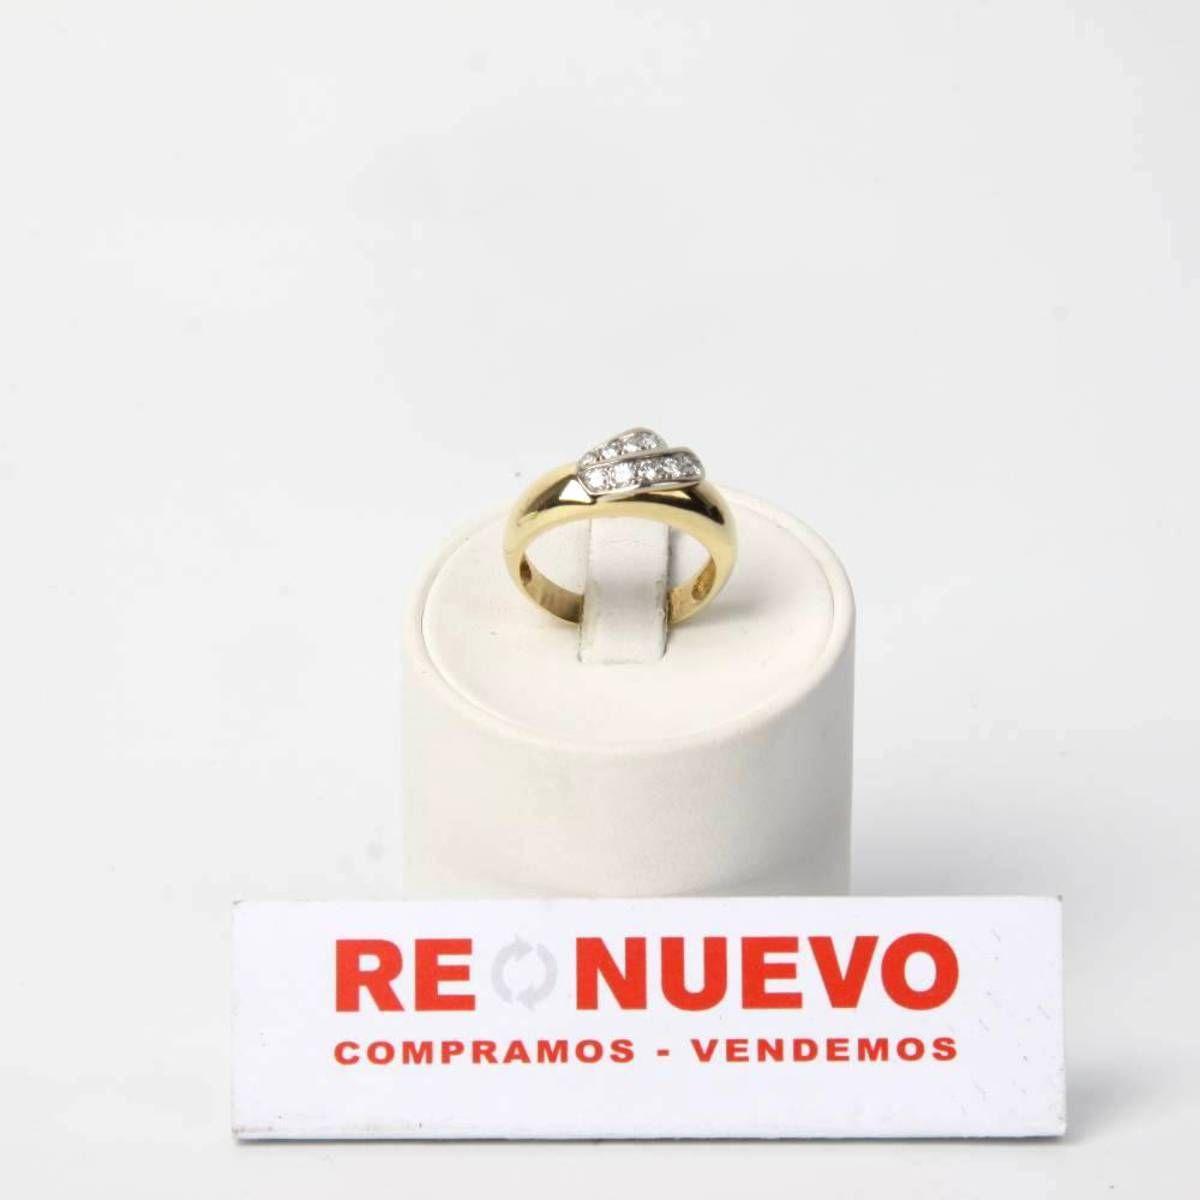 Anillo de oro bicolor con diamantes de segunda mano E274462G   Tienda online de segunda mano en Barcelona Re-Nuevo